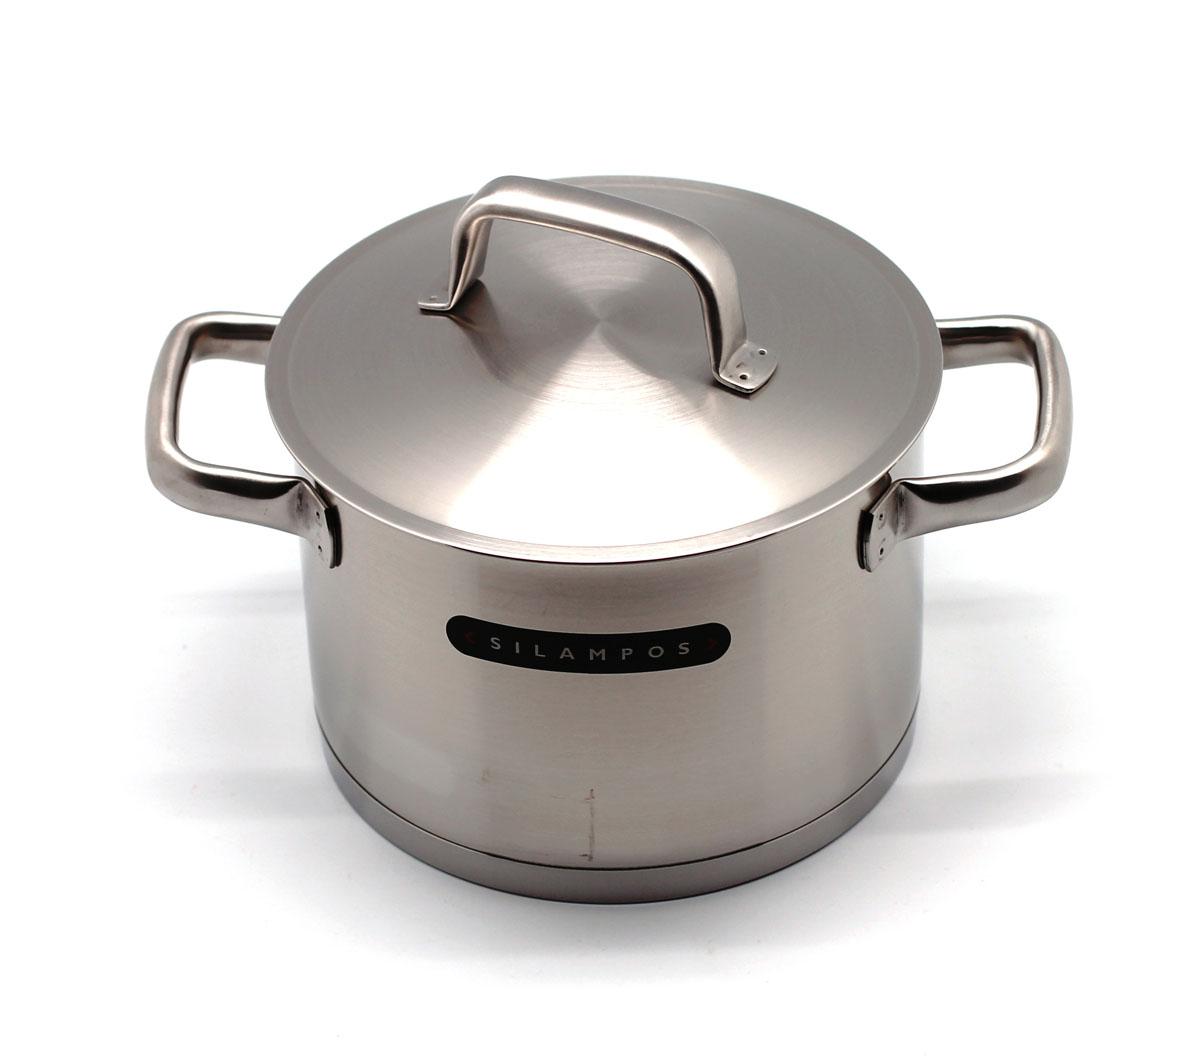 """Кастрюля Silampos """"Move"""" изготовлена из высококачественной нержавеющей стали с матовой полировкой. Термическое дно выдерживает температуру до двух раз превосходящую максимальную температуру, необходимую для приготовления пищи. Изделие оснащено прочными стальными ручками. Специальные изогнутые бортики посуды обеспечивают легкое и аккуратное выливание жидкости. Крышка, выполненная из нержавеющей стали, плотно прилегает к краю посуды.Кастрюлю можно использовать на всех типах плит, включая индукционные. Можно мыть в посудомоечной машине.  Посуда Silampos производится с использованием самых последних достижений в области производства изделий из нержавеющей стали. Алюминиевый диск инкапсулируется между дном кастрюли и защитной оболочкой из нержавеющей стали под давлением 1500 тонн. Этот высокотехнологичный процесс устраняет необходимость обычной сварки, ахиллесовой пяты многих производителей товаров из нержавеющей стали. Вместо того, чтобы сваривать две металлические детали вместе, этот процесс соединяет алюминий и нержавеющей стали в единое целое. Метод полной инкапсуляции позволяет с абсолютной надежностью покрыть алюминиевый диск нержавеющей сталью. Это делает невозможным контакт алюминиевого диска с открытым огнем и активной средой некоторых моющий средств. Посуда Silampos является лауреатом многочисленных Португальских и Европейских конкурсов, и по праву сохраняет лидирующие позиции на рынке кухонной посуды в Европе и мире. Посуда изготовлена из нержавеющей стали с добавлением 18% хрома и 10% никеля. Посуду можно мыть в посудомоечной машине, использовать на всех видах плит (газовые, электрических, керамических и индукционных). Оснащена специальным алюминиевым диском - Impact Disk, разработанным с применением передовой технологии соединения диска с дном кастрюли и защитной оболочкой из нержавеющей стали под высоким давлением. Выдерживают температуру до 600°С. Использование алюминиевого жарораспределяющего диска позволяет значительно сократить время приготовления пищи."""